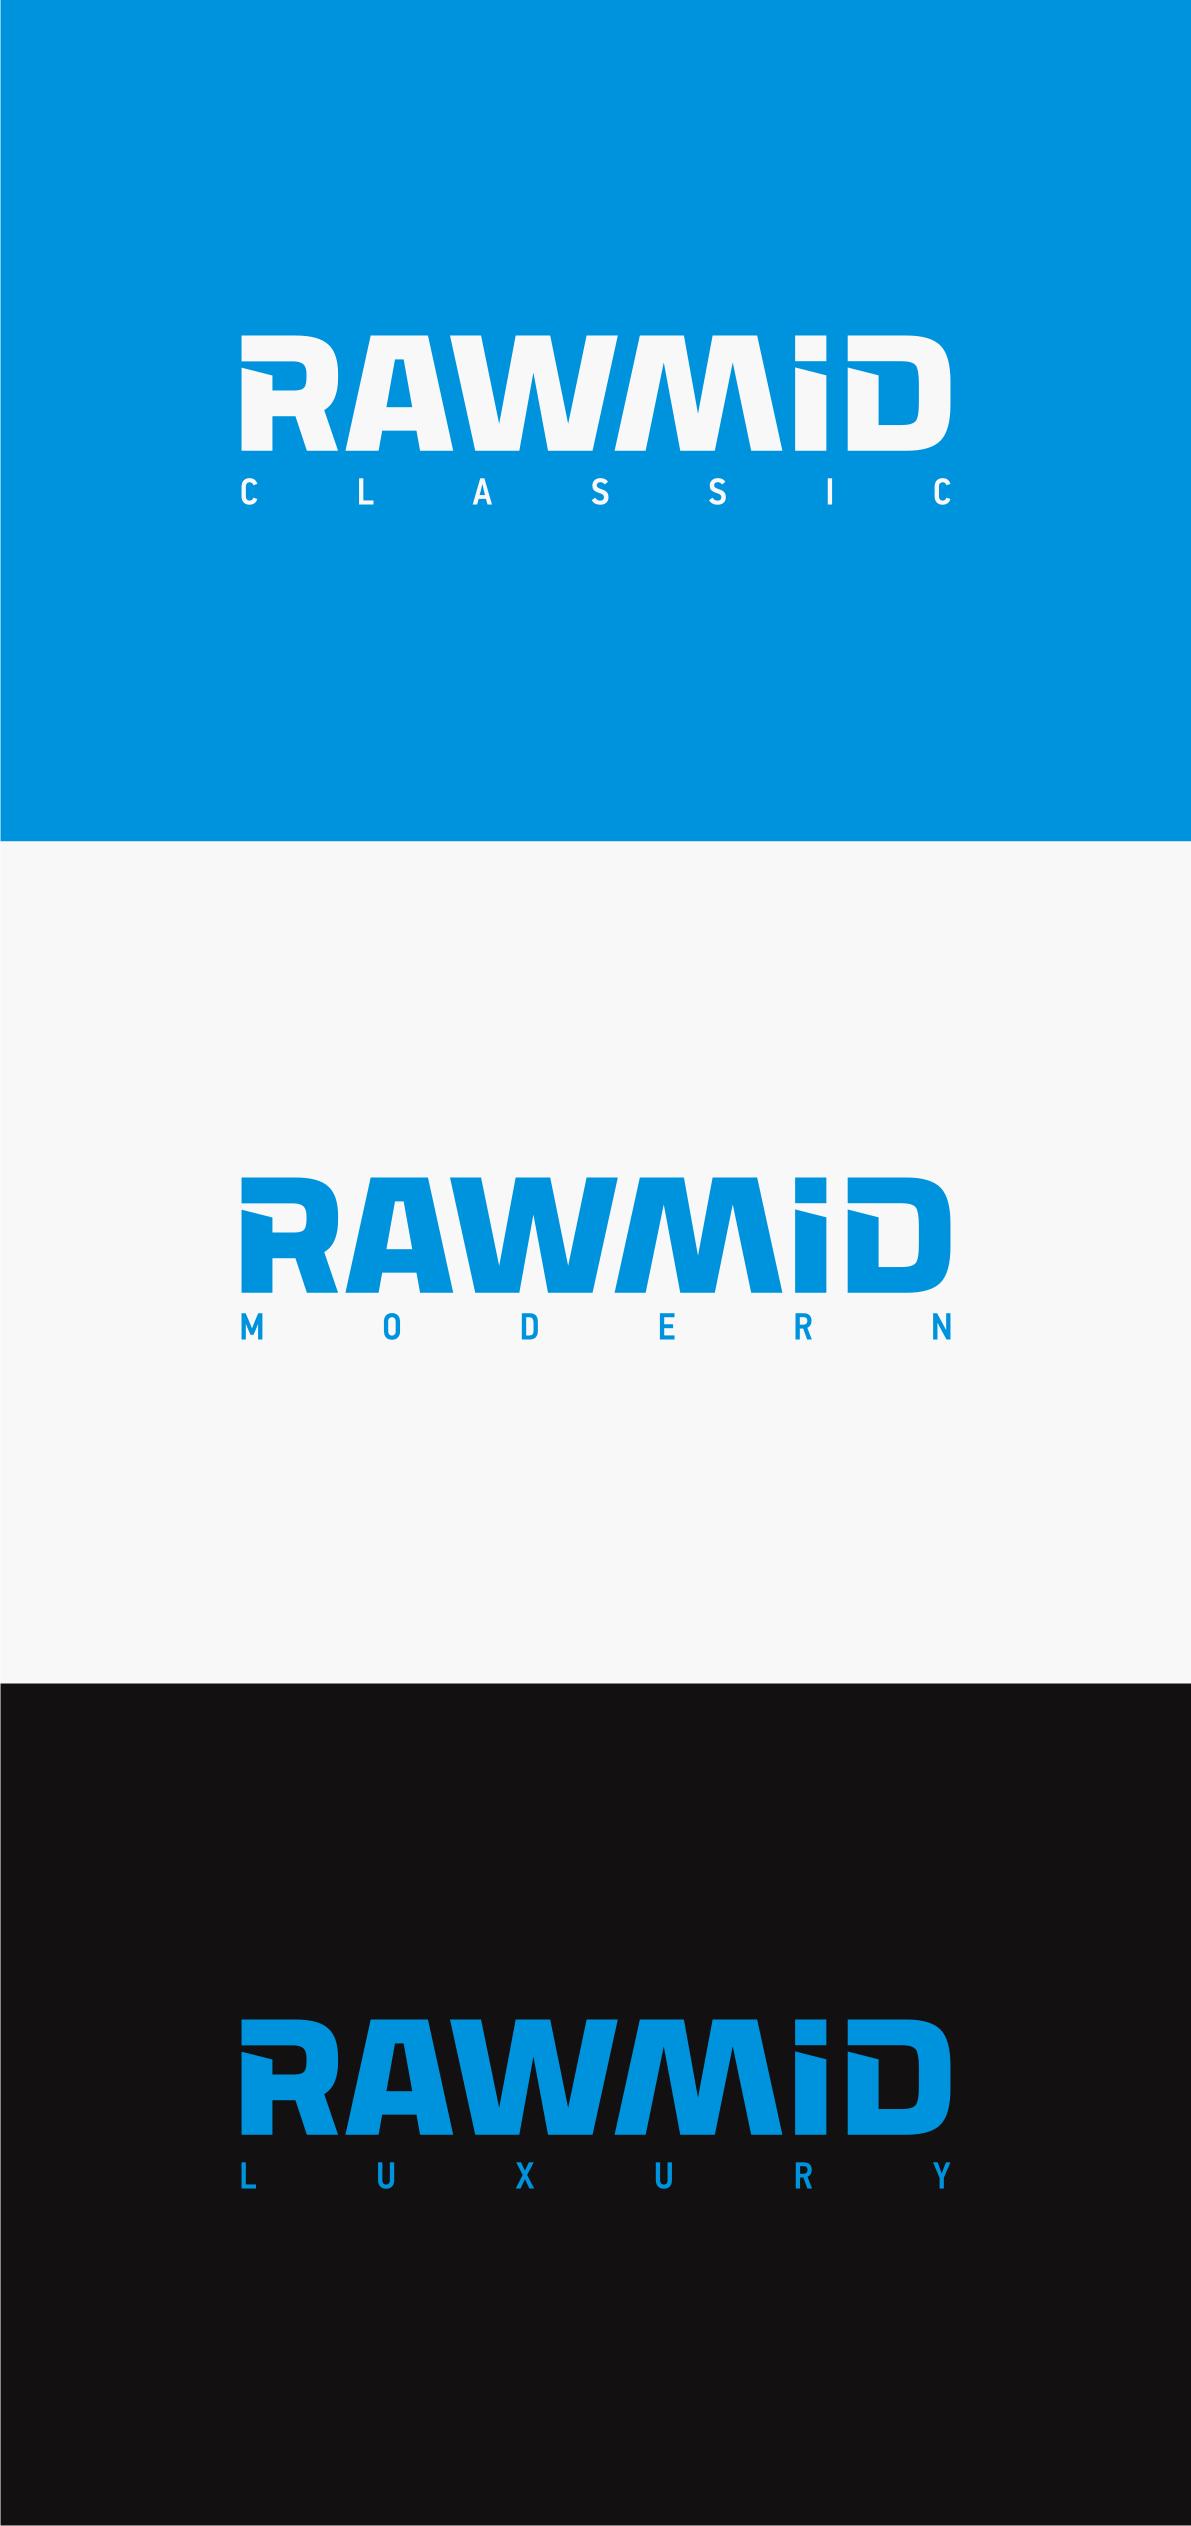 Создать логотип (буквенная часть) для бренда бытовой техники фото f_2525b353ec9a05c8.png